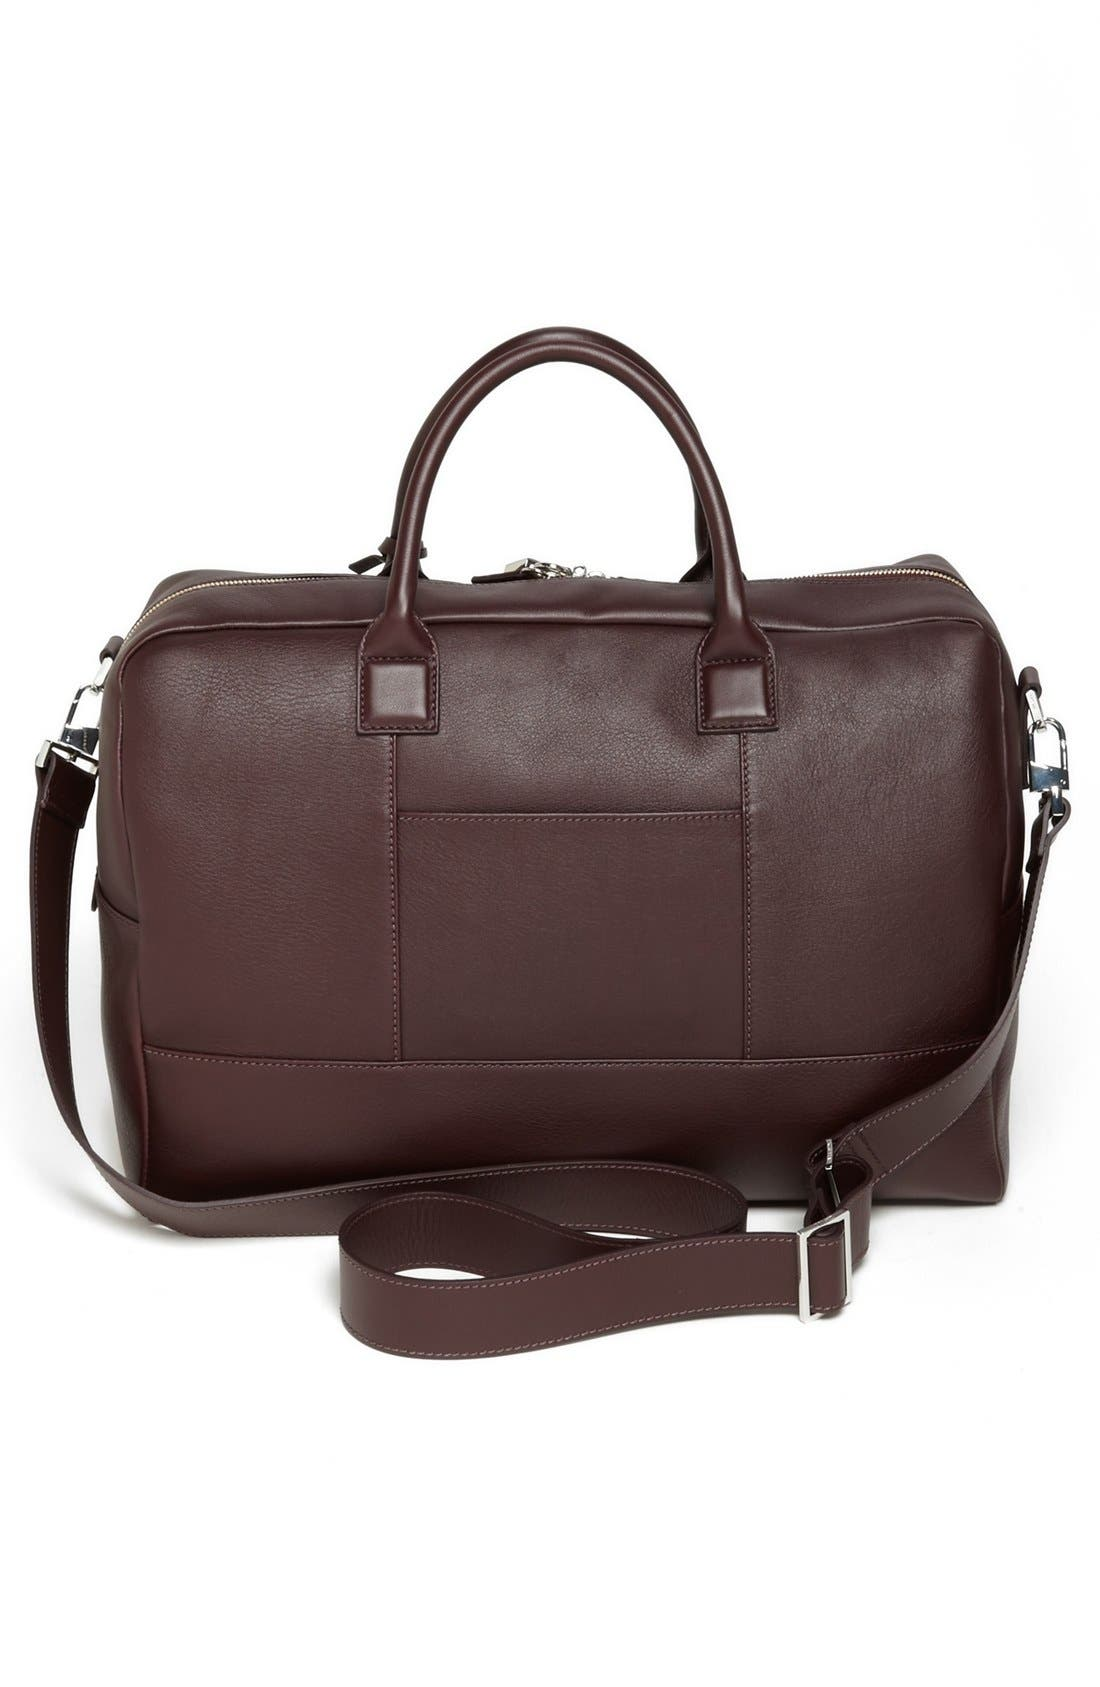 Alternate Image 2  - WANT Les Essentiels de la Vie 'Douglas' Leather Carryall Bag